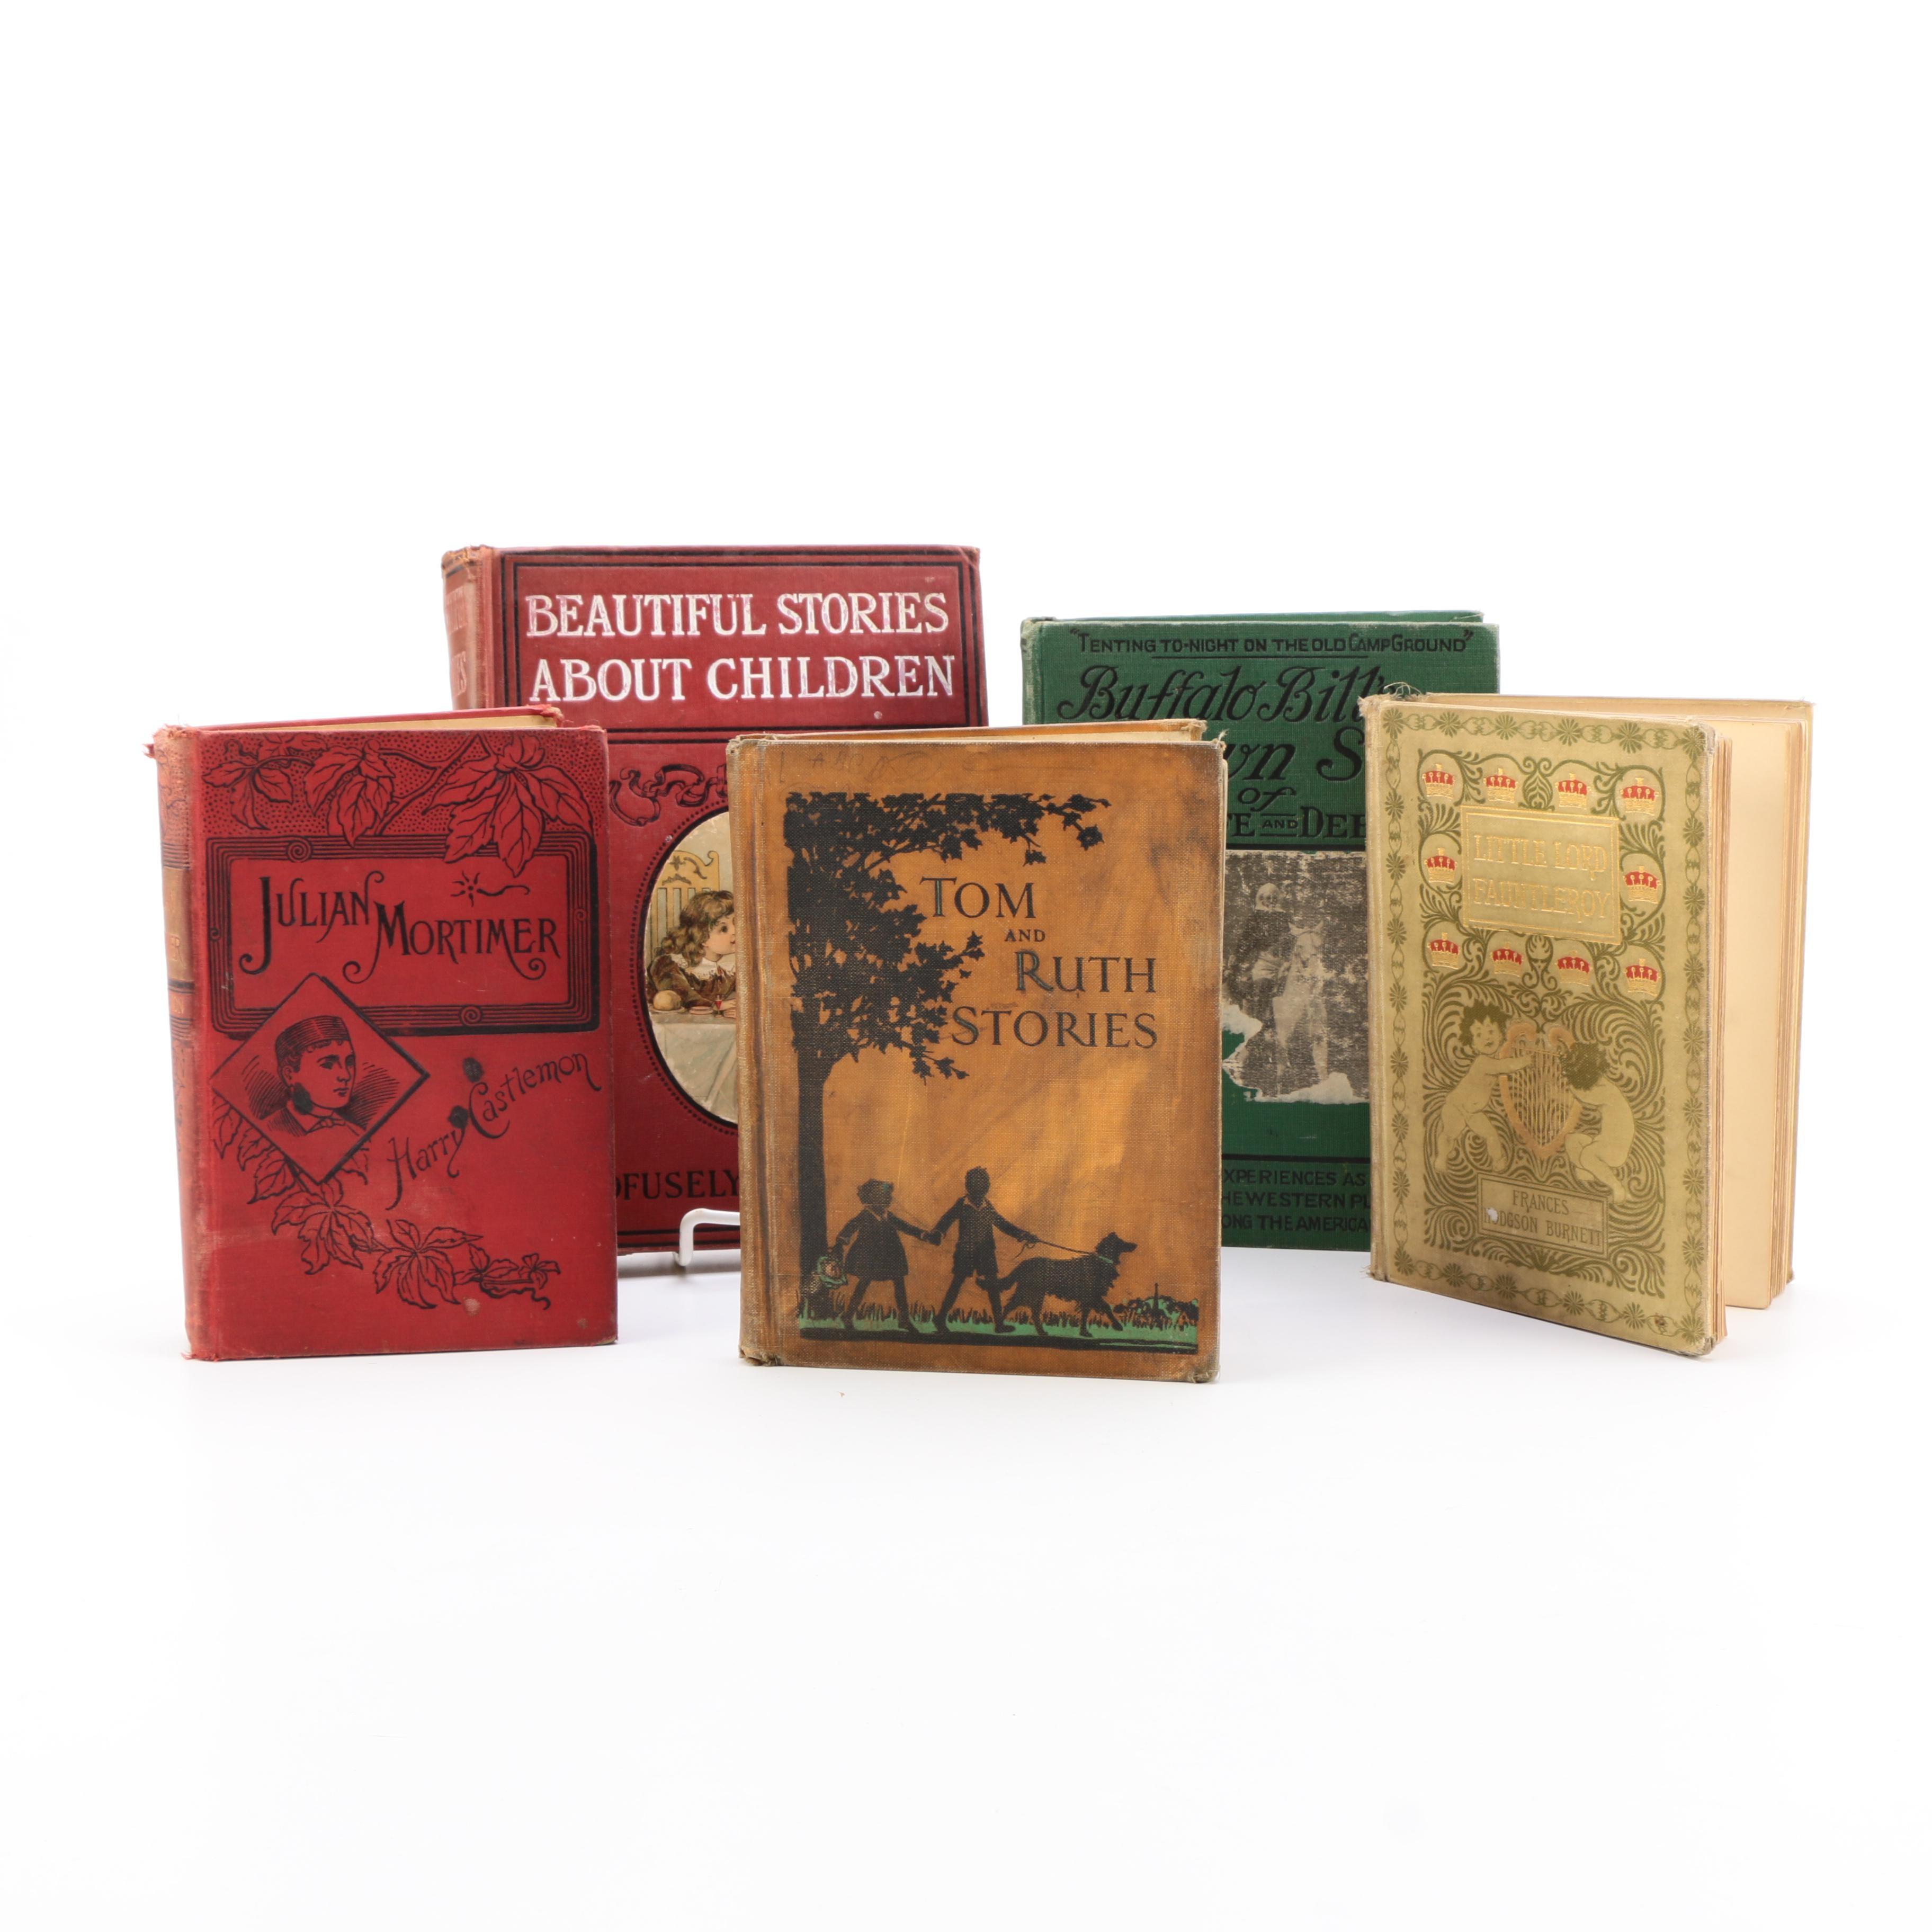 Assortment of Young Reader Novels